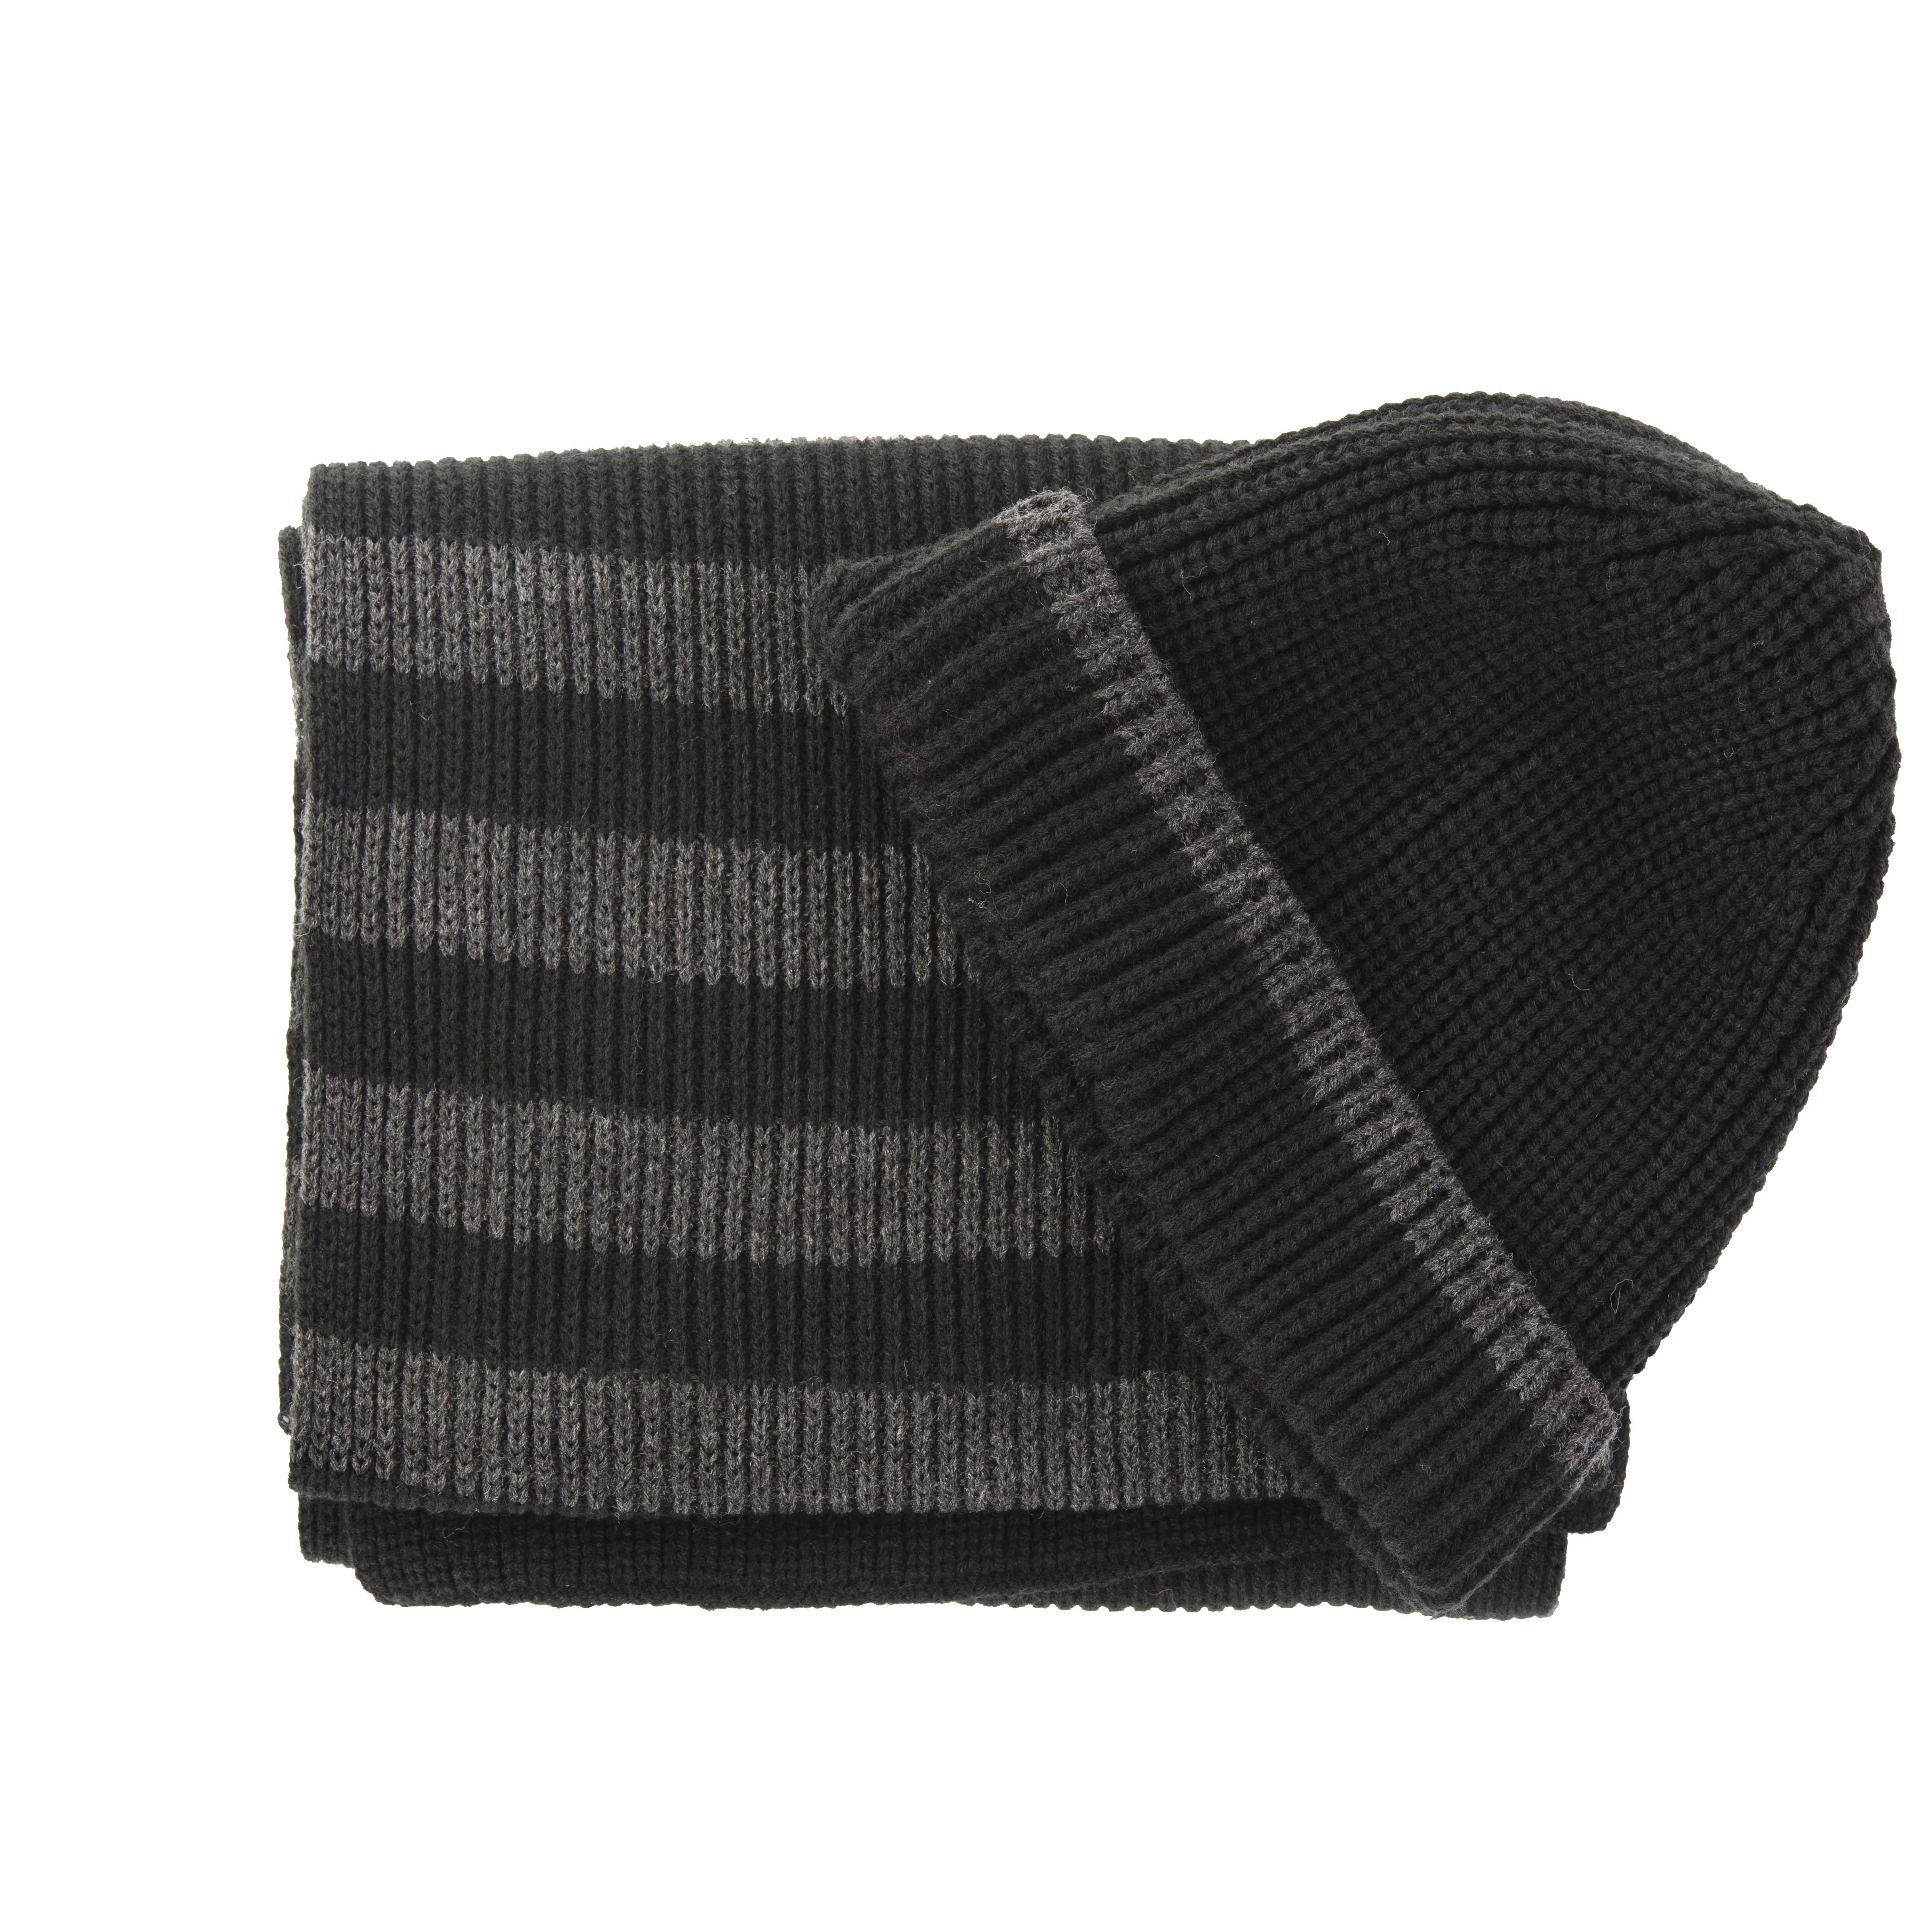 Scarve & beanie set black/grey